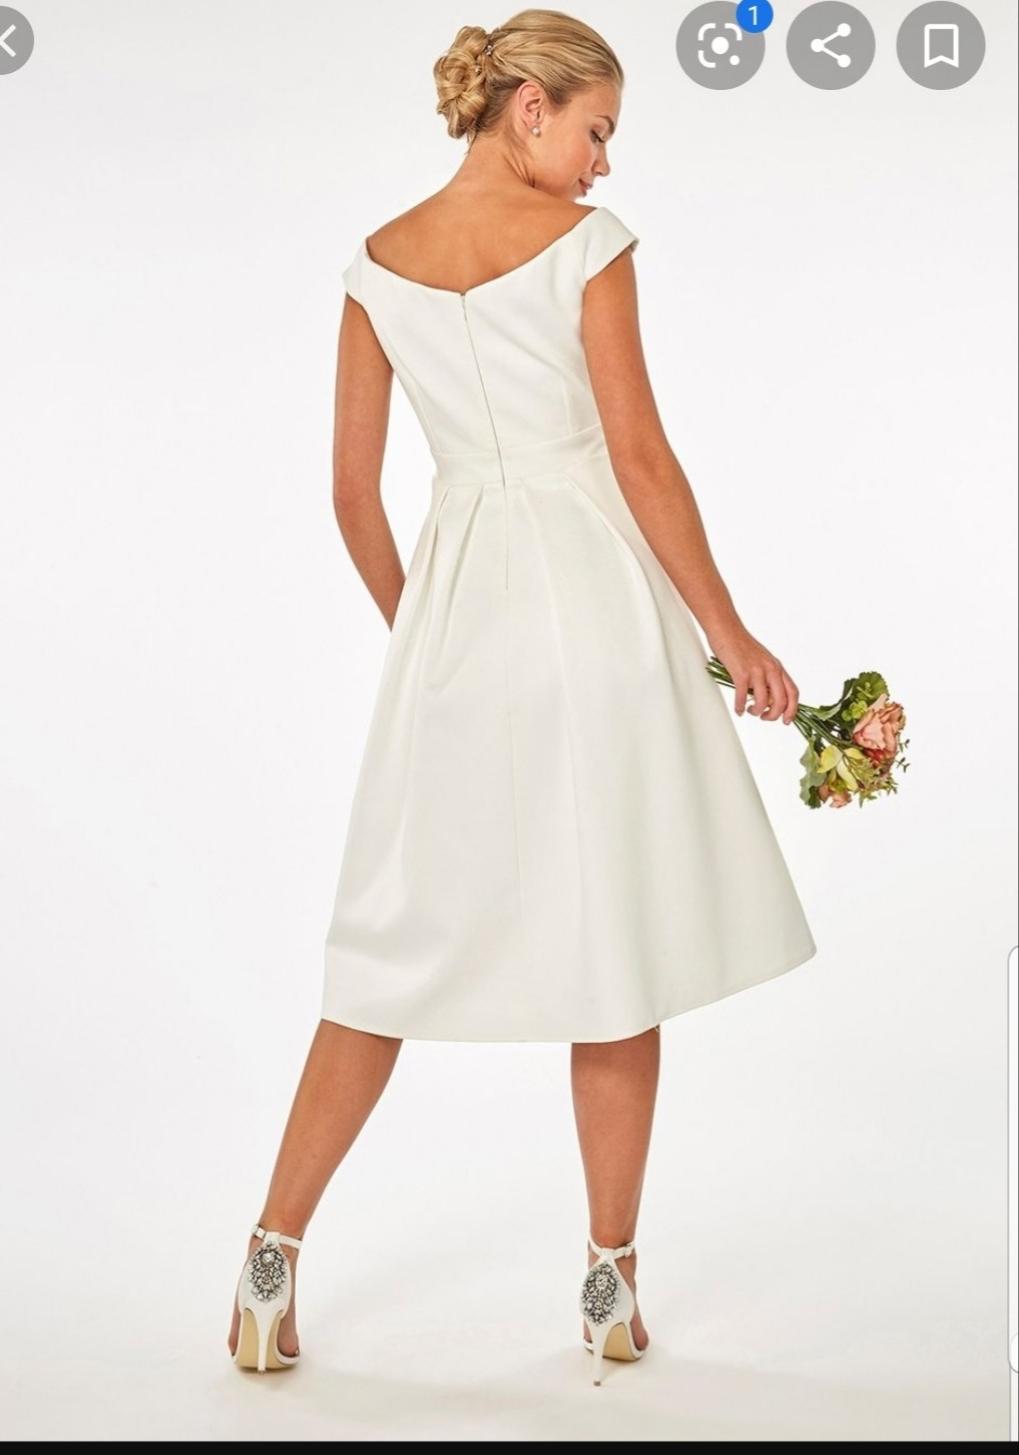 Nepoužité svadobné/popolnočné/spoločenské šaty - Obrázok č. 3